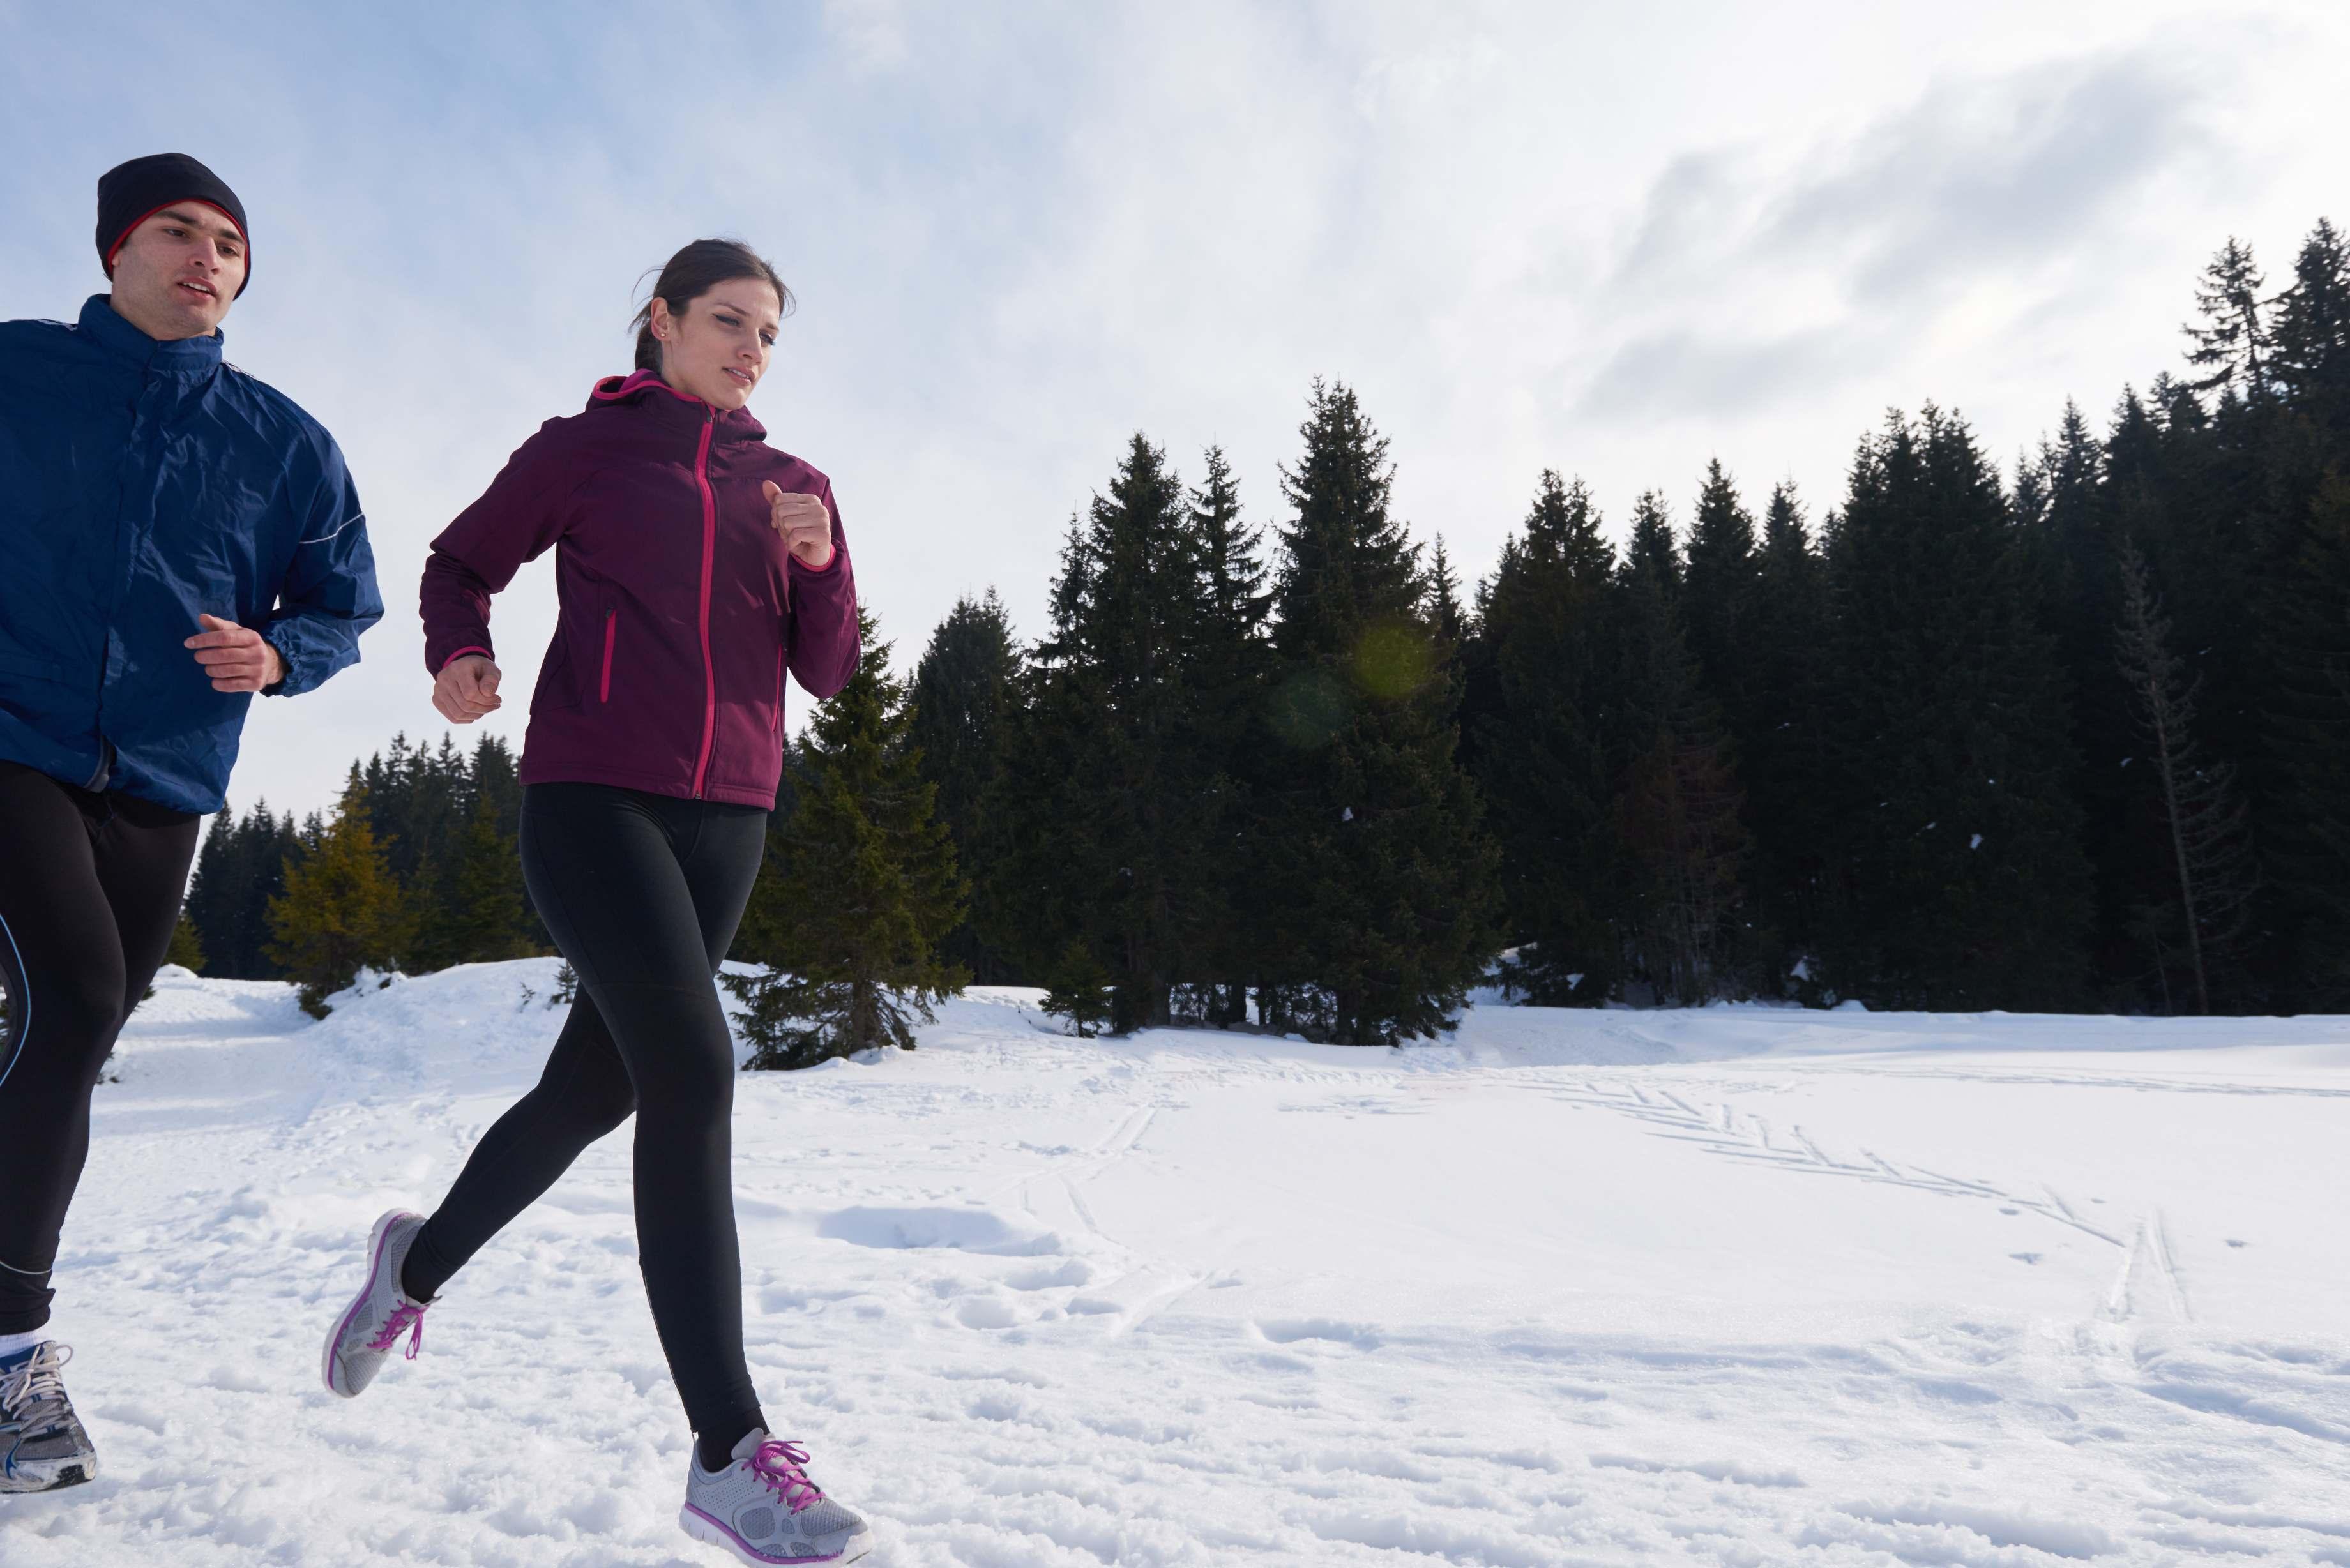 Starkes Immunsystem – Gesund durch den Winter